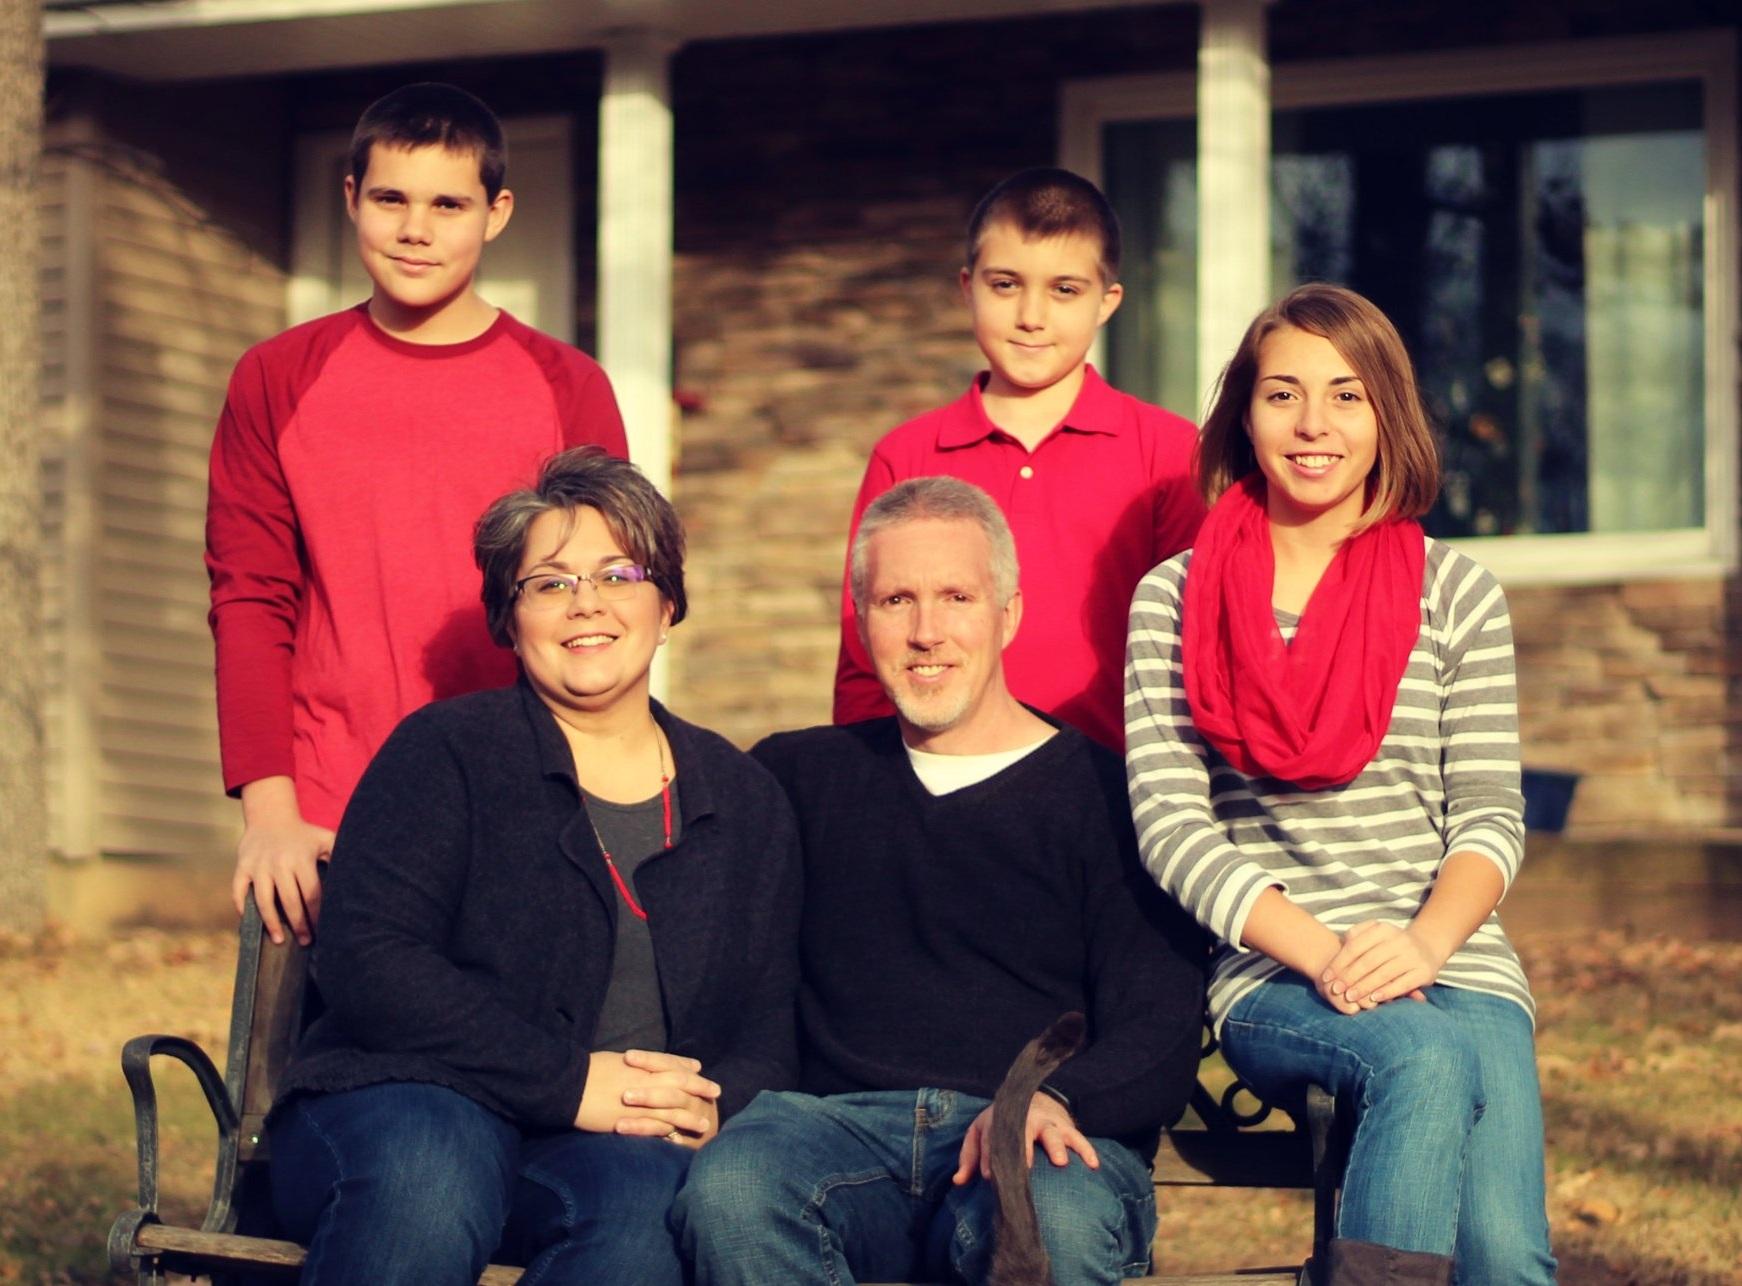 Griffins+family.jpg